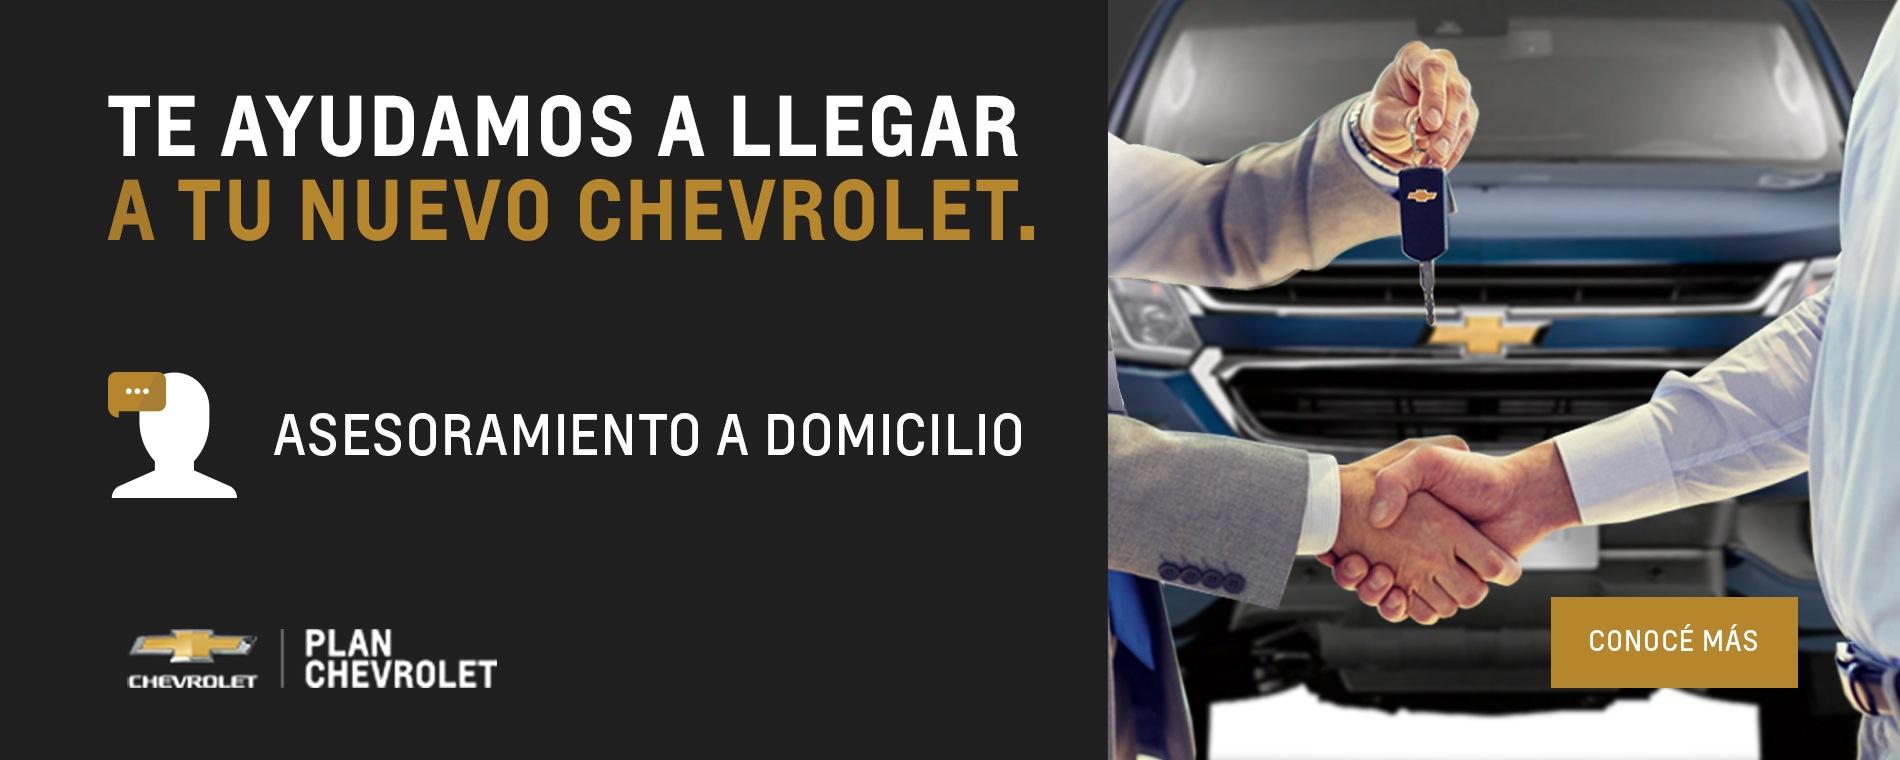 Plan Chevrolet - Asesoramiento a domicilio en Concesionario Oficial en Esteban Echeverría